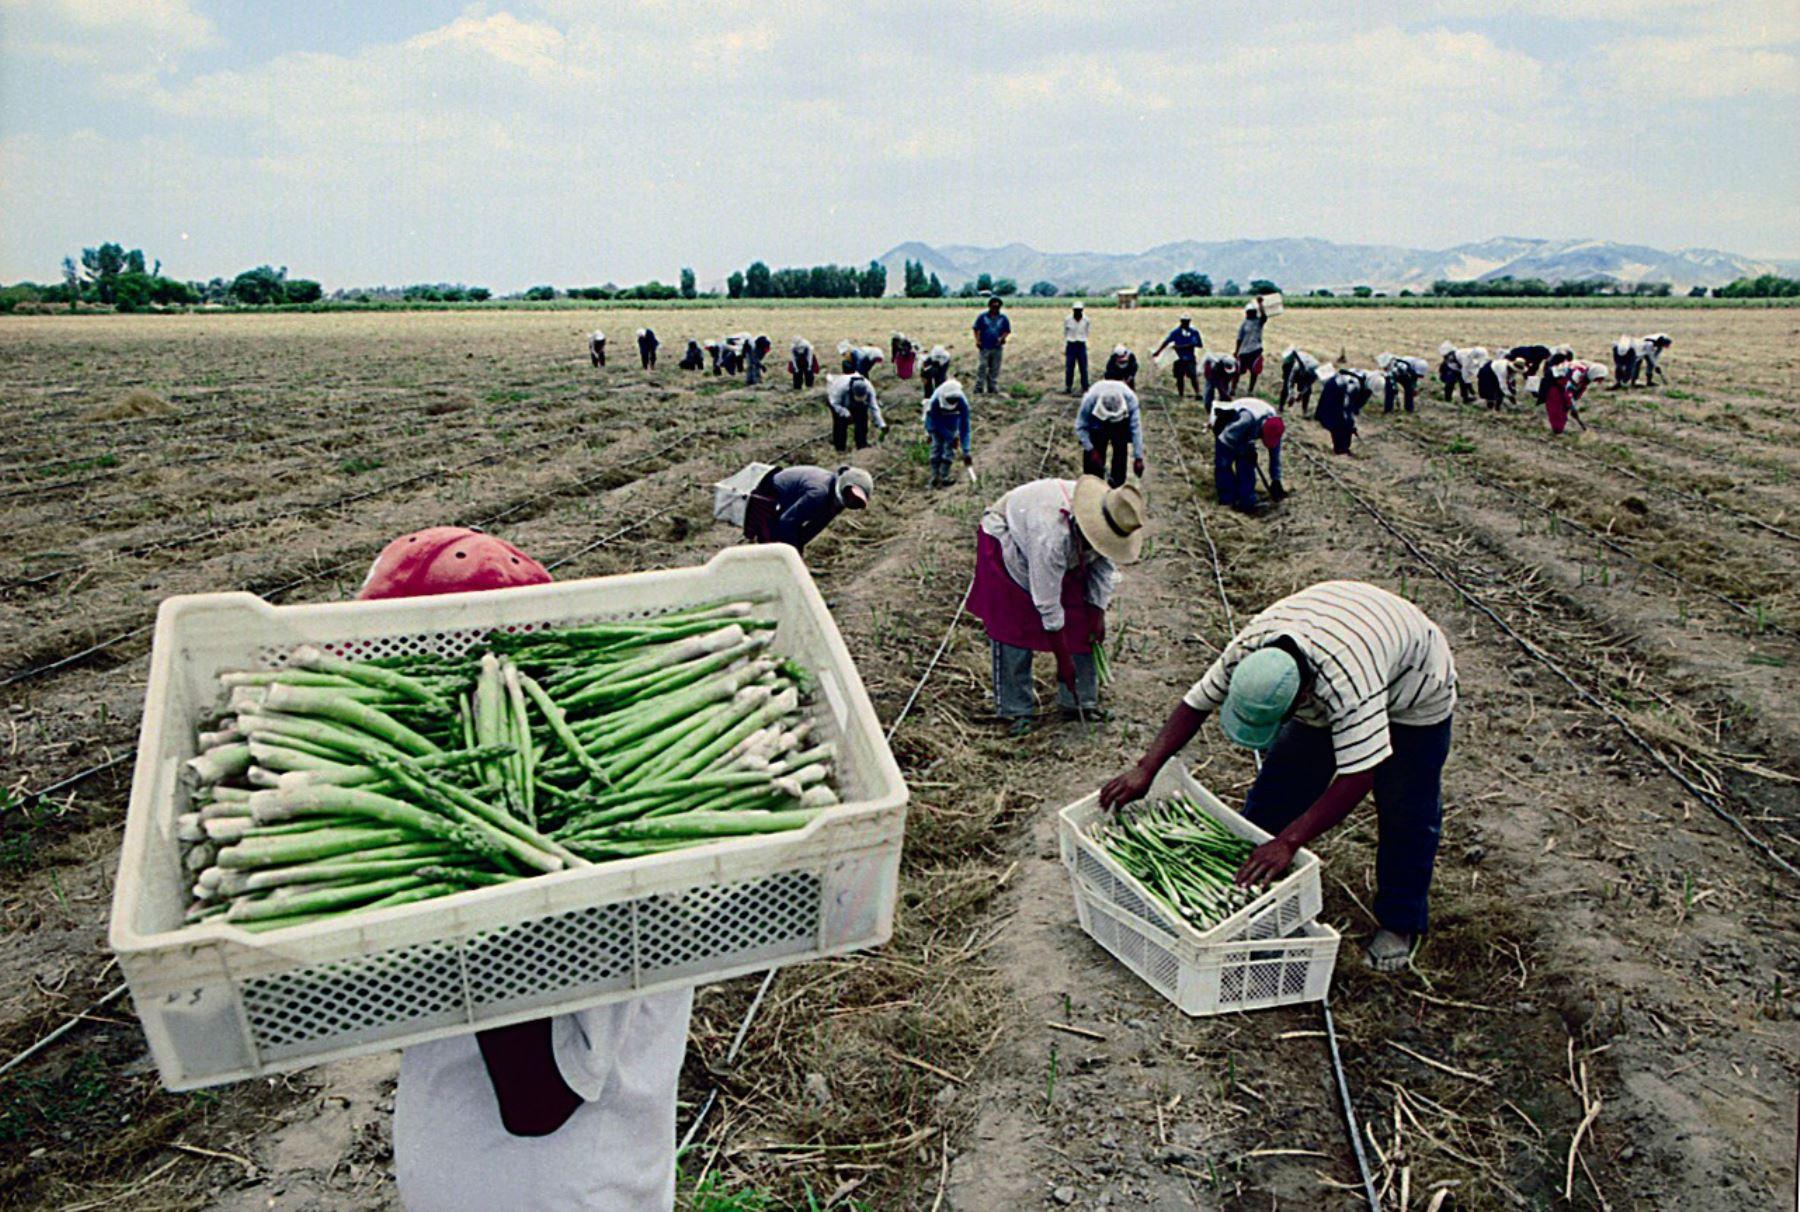 Derogatoria del régimen laboral agrario y el punto de no retorno